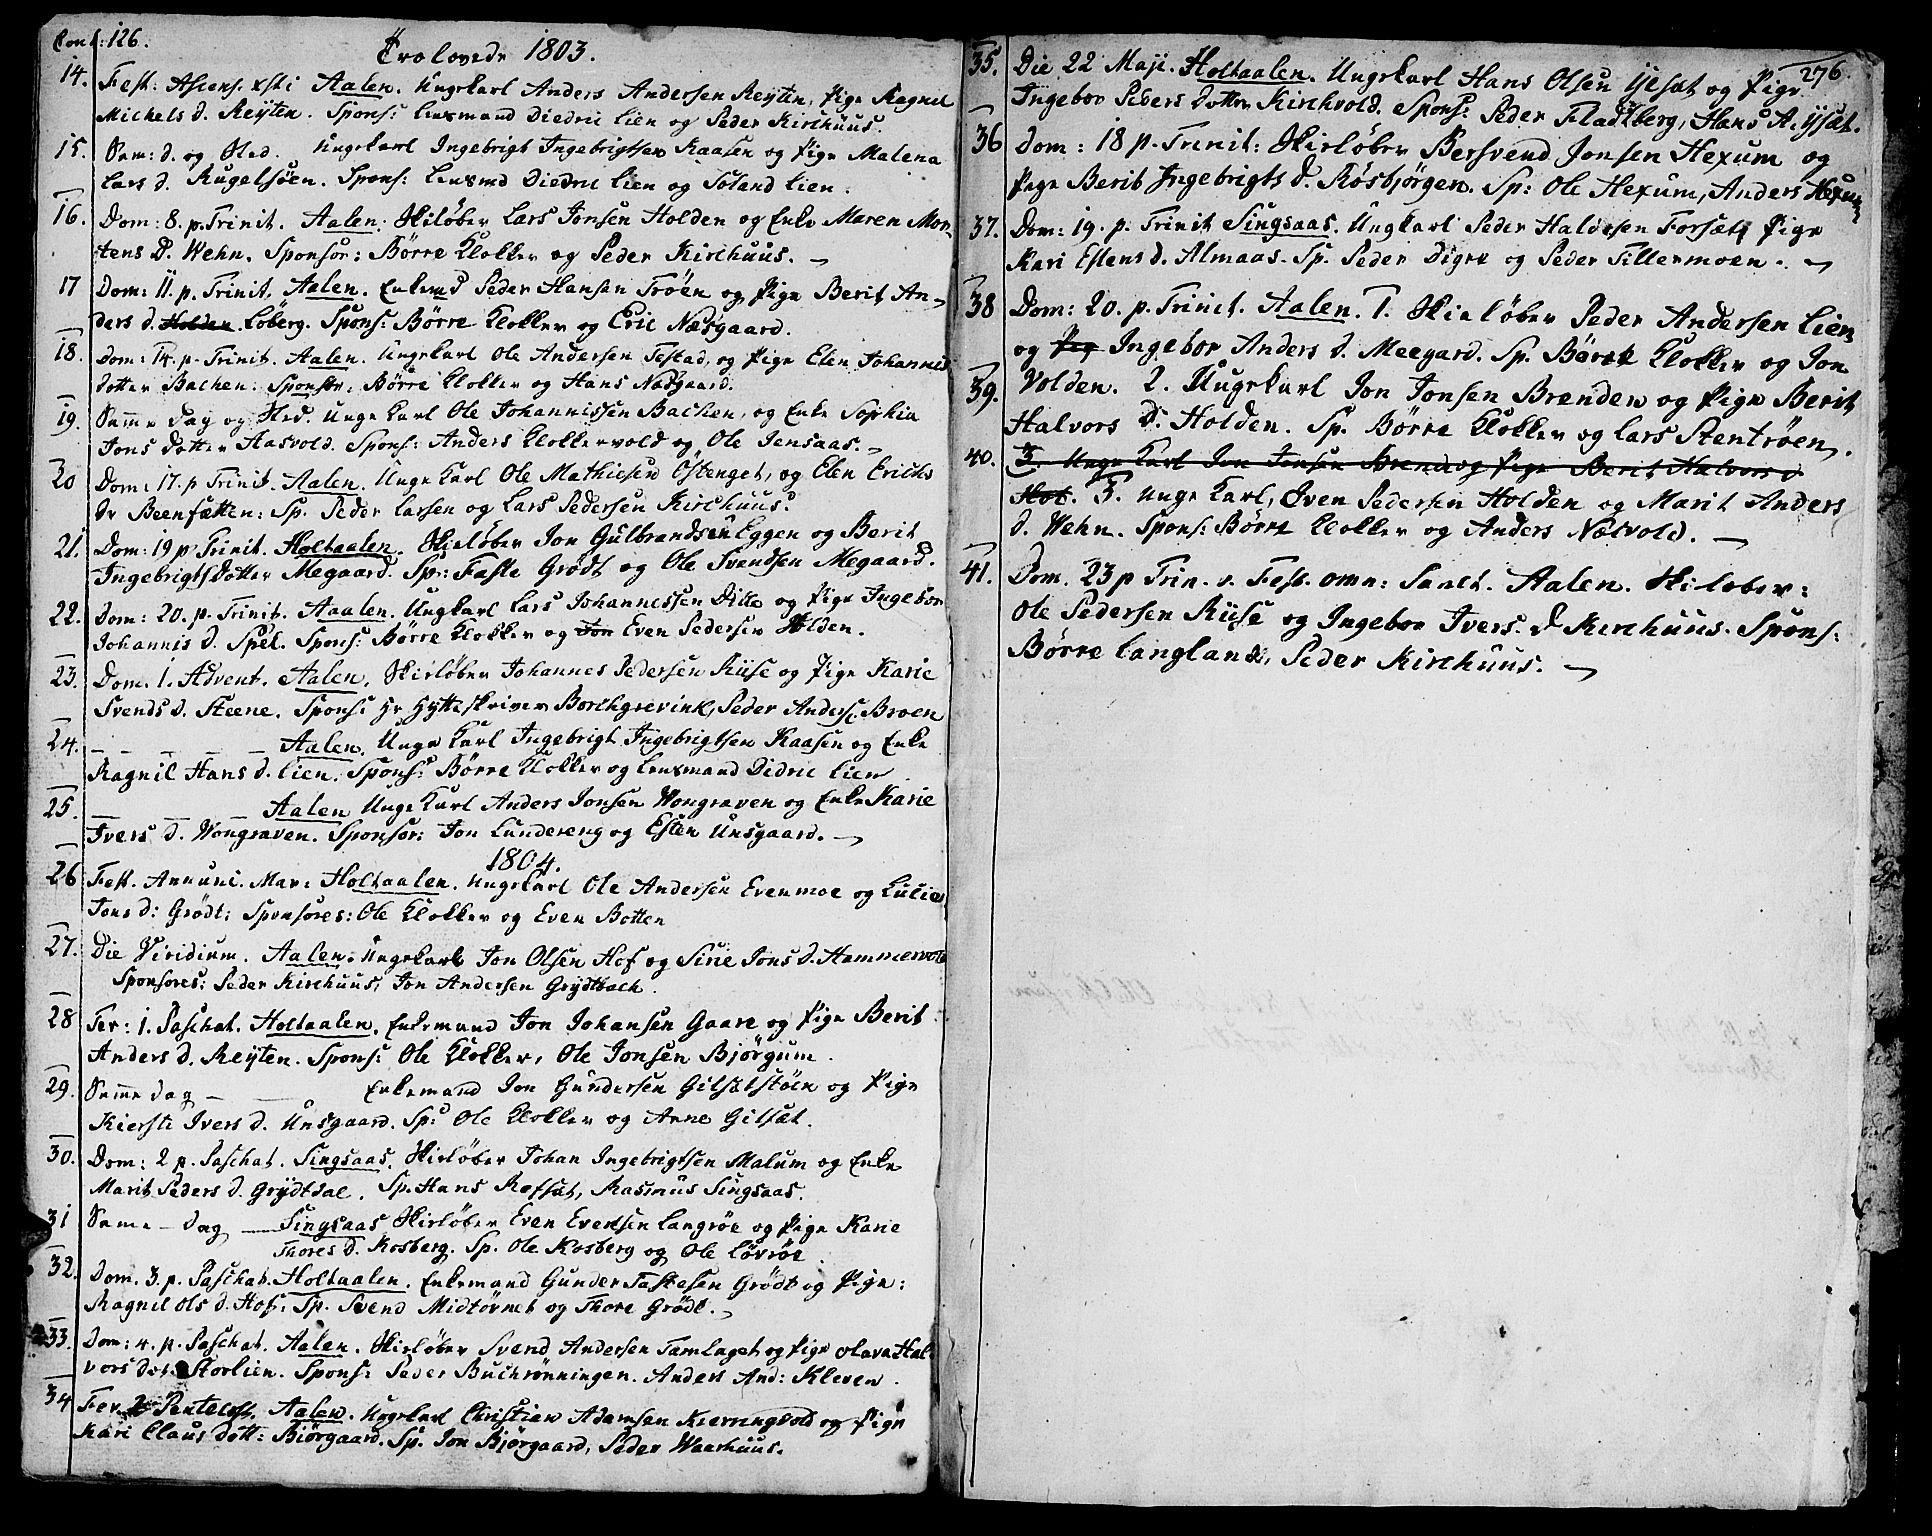 SAT, Ministerialprotokoller, klokkerbøker og fødselsregistre - Sør-Trøndelag, 685/L0952: Ministerialbok nr. 685A01, 1745-1804, s. 276